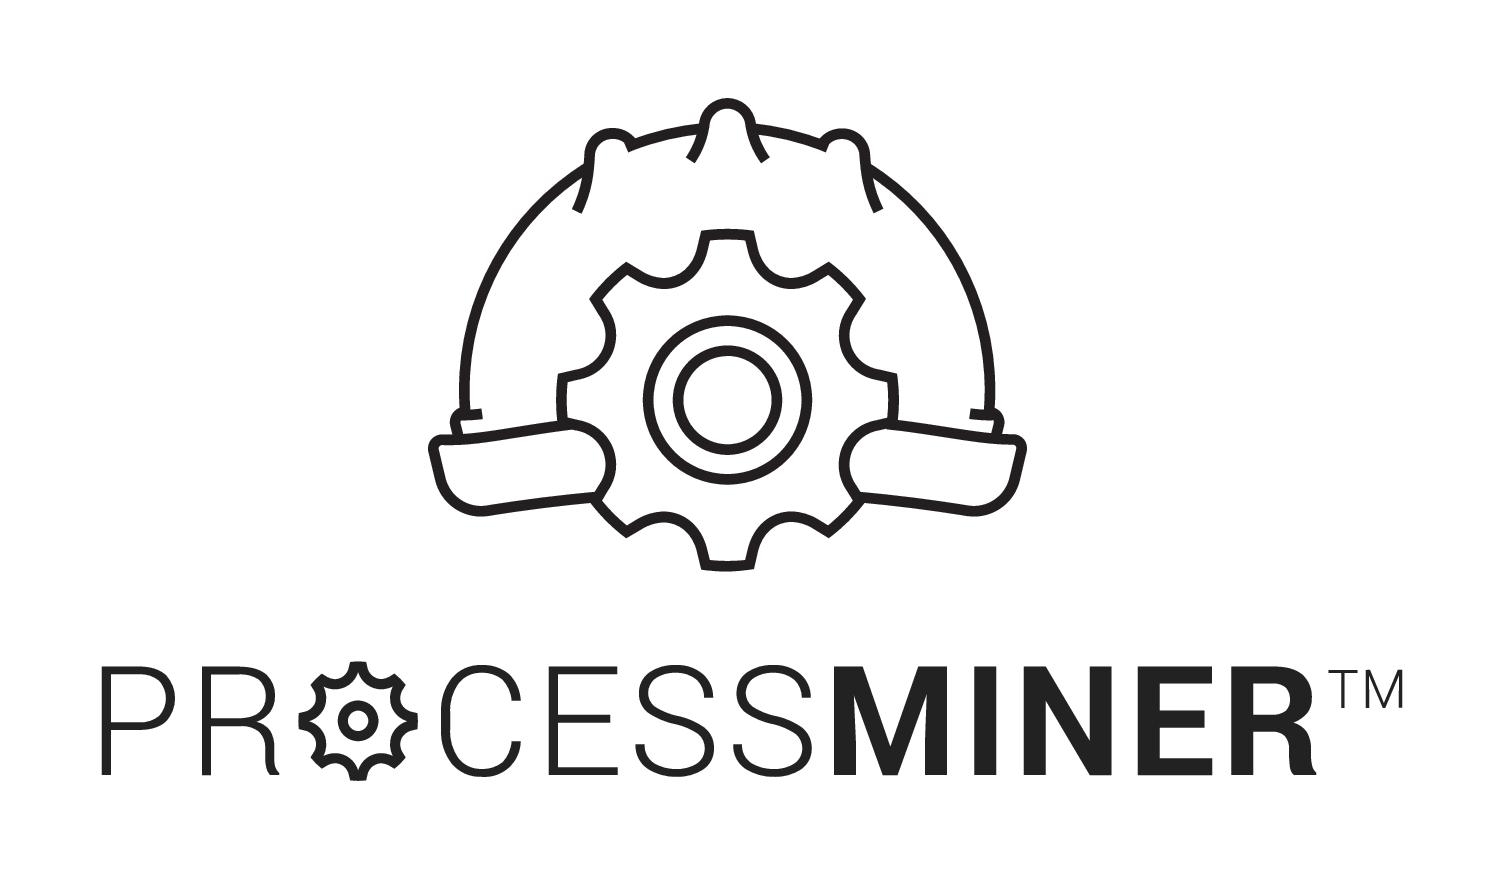 ProcessMiner Logo